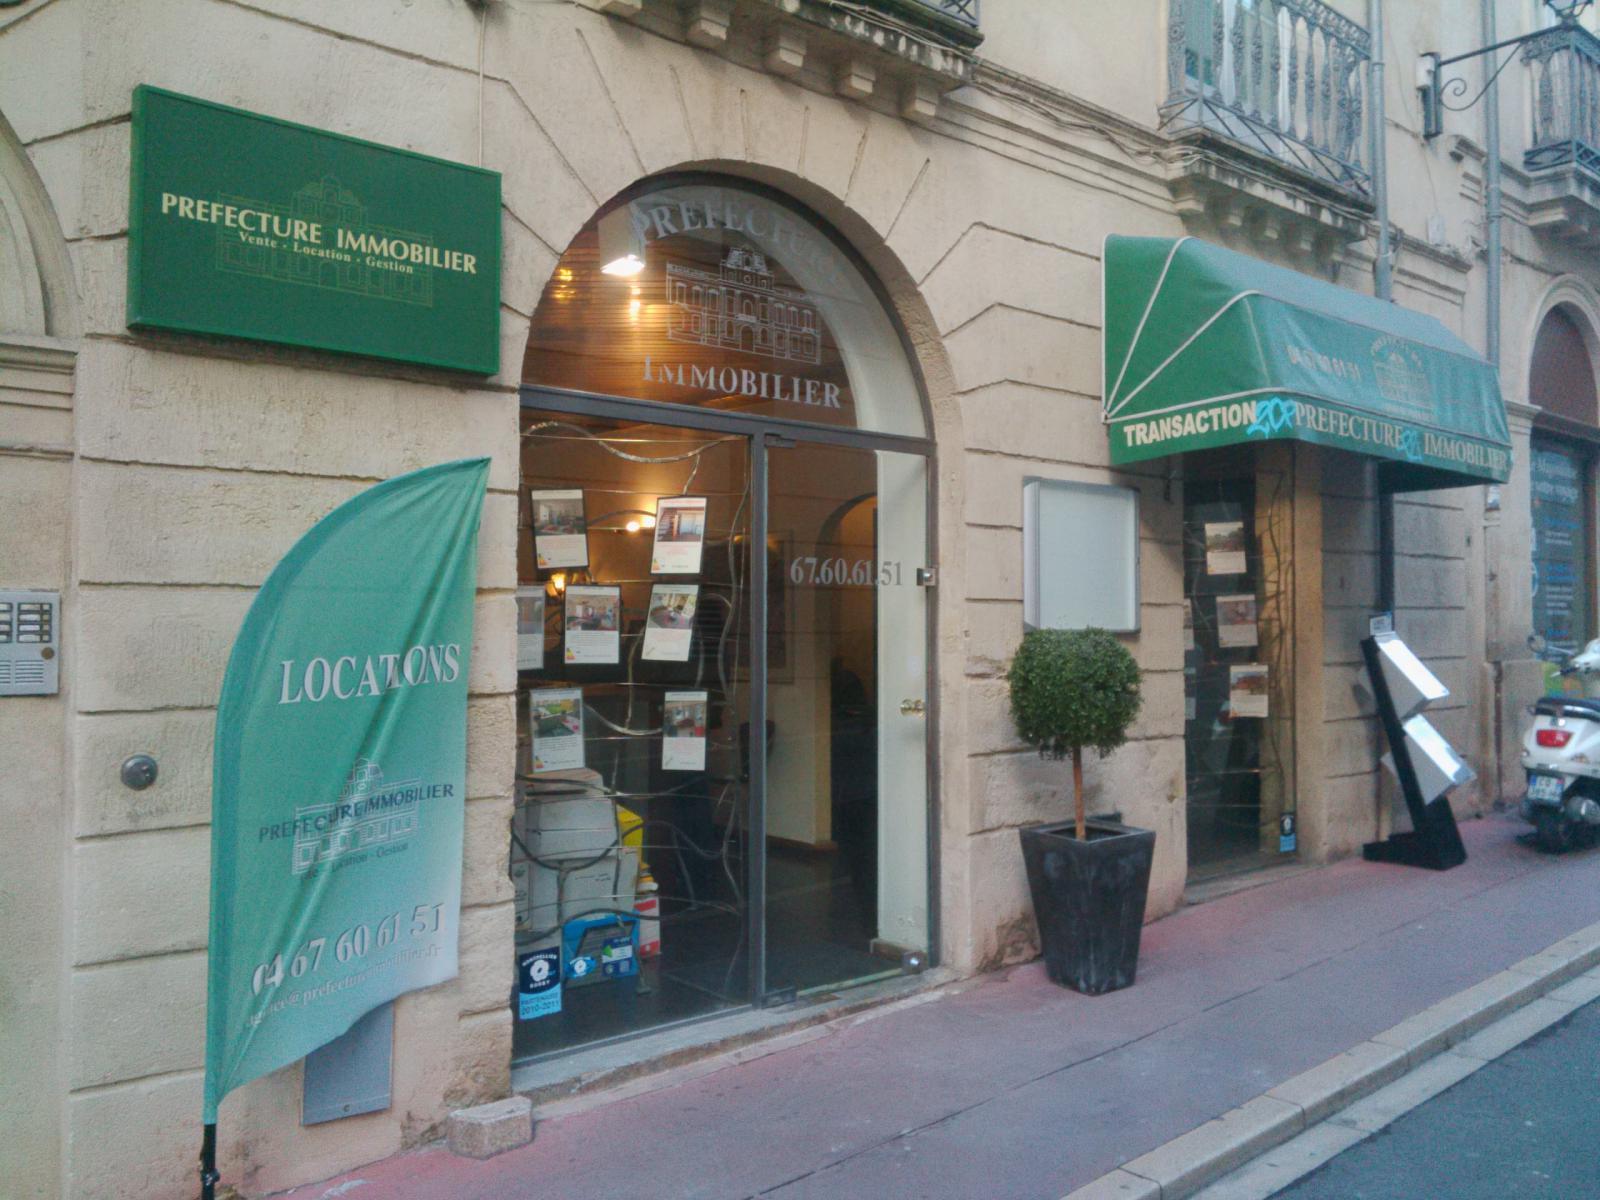 Programme immobilier Montpellier : Pourquoi vous devez acheter du neuf plutôt que de l'ancien